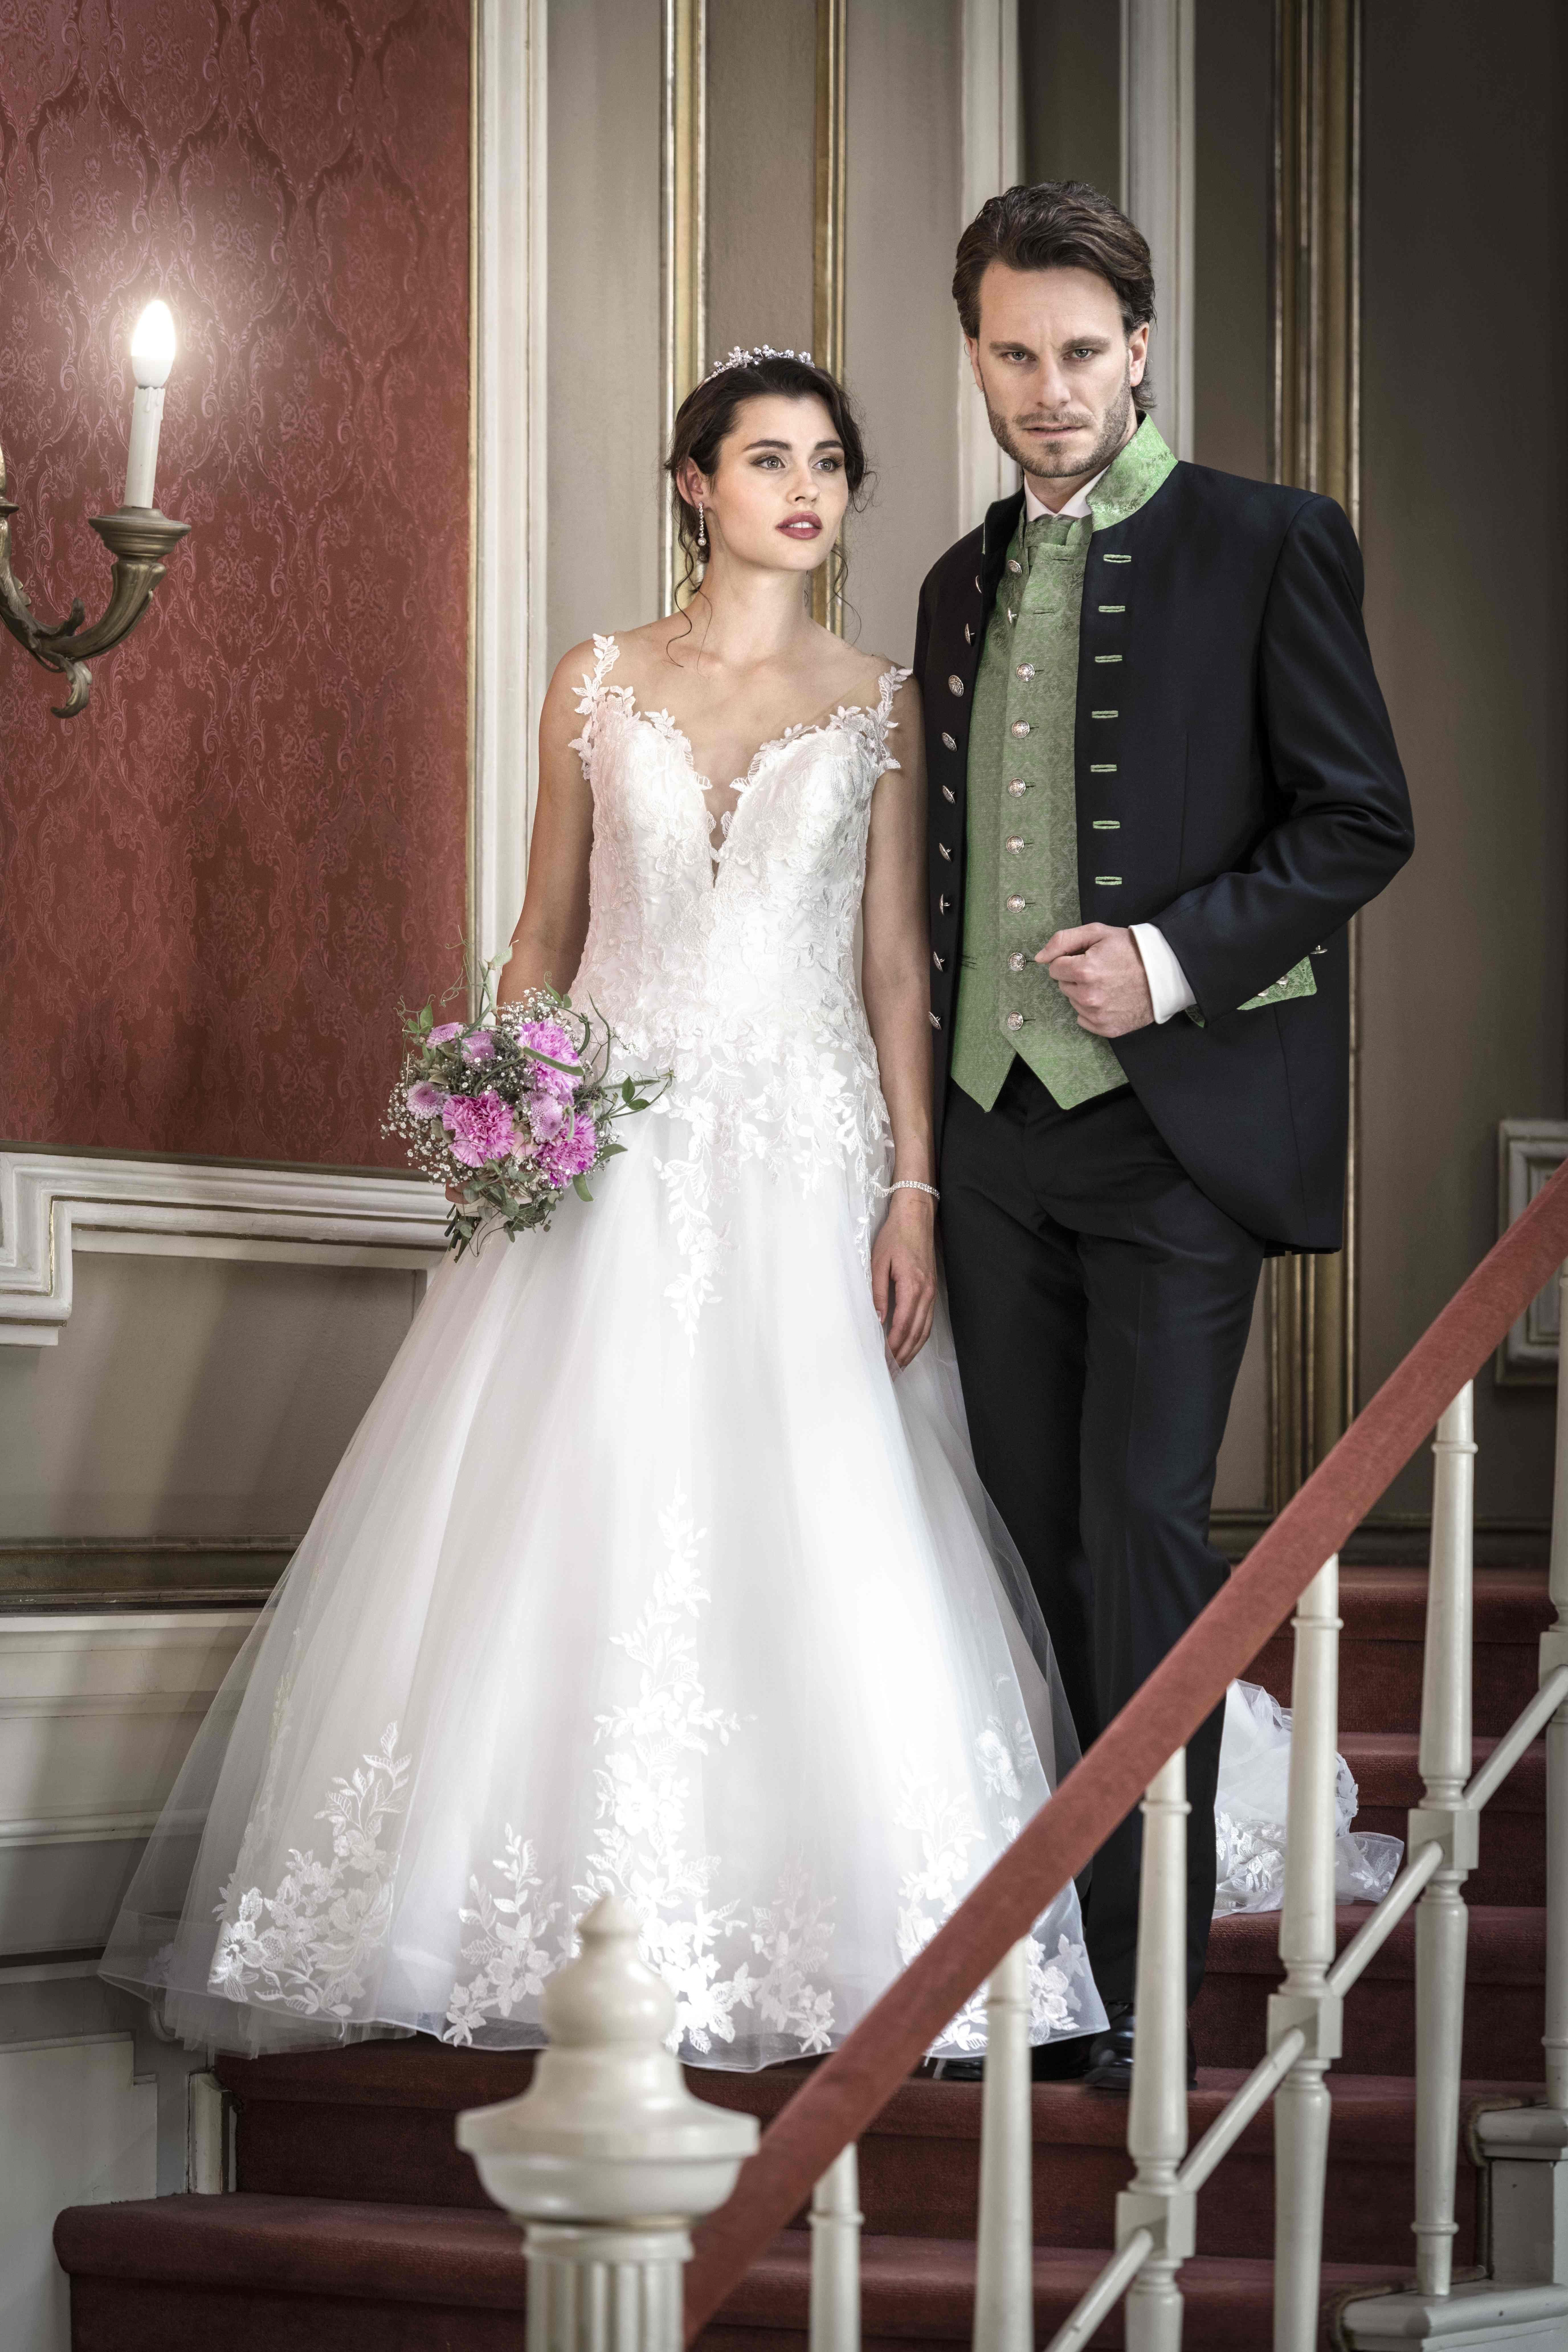 Elegantes Hochzeitspaar: Braut in weiß & Bräutigam in Tracht